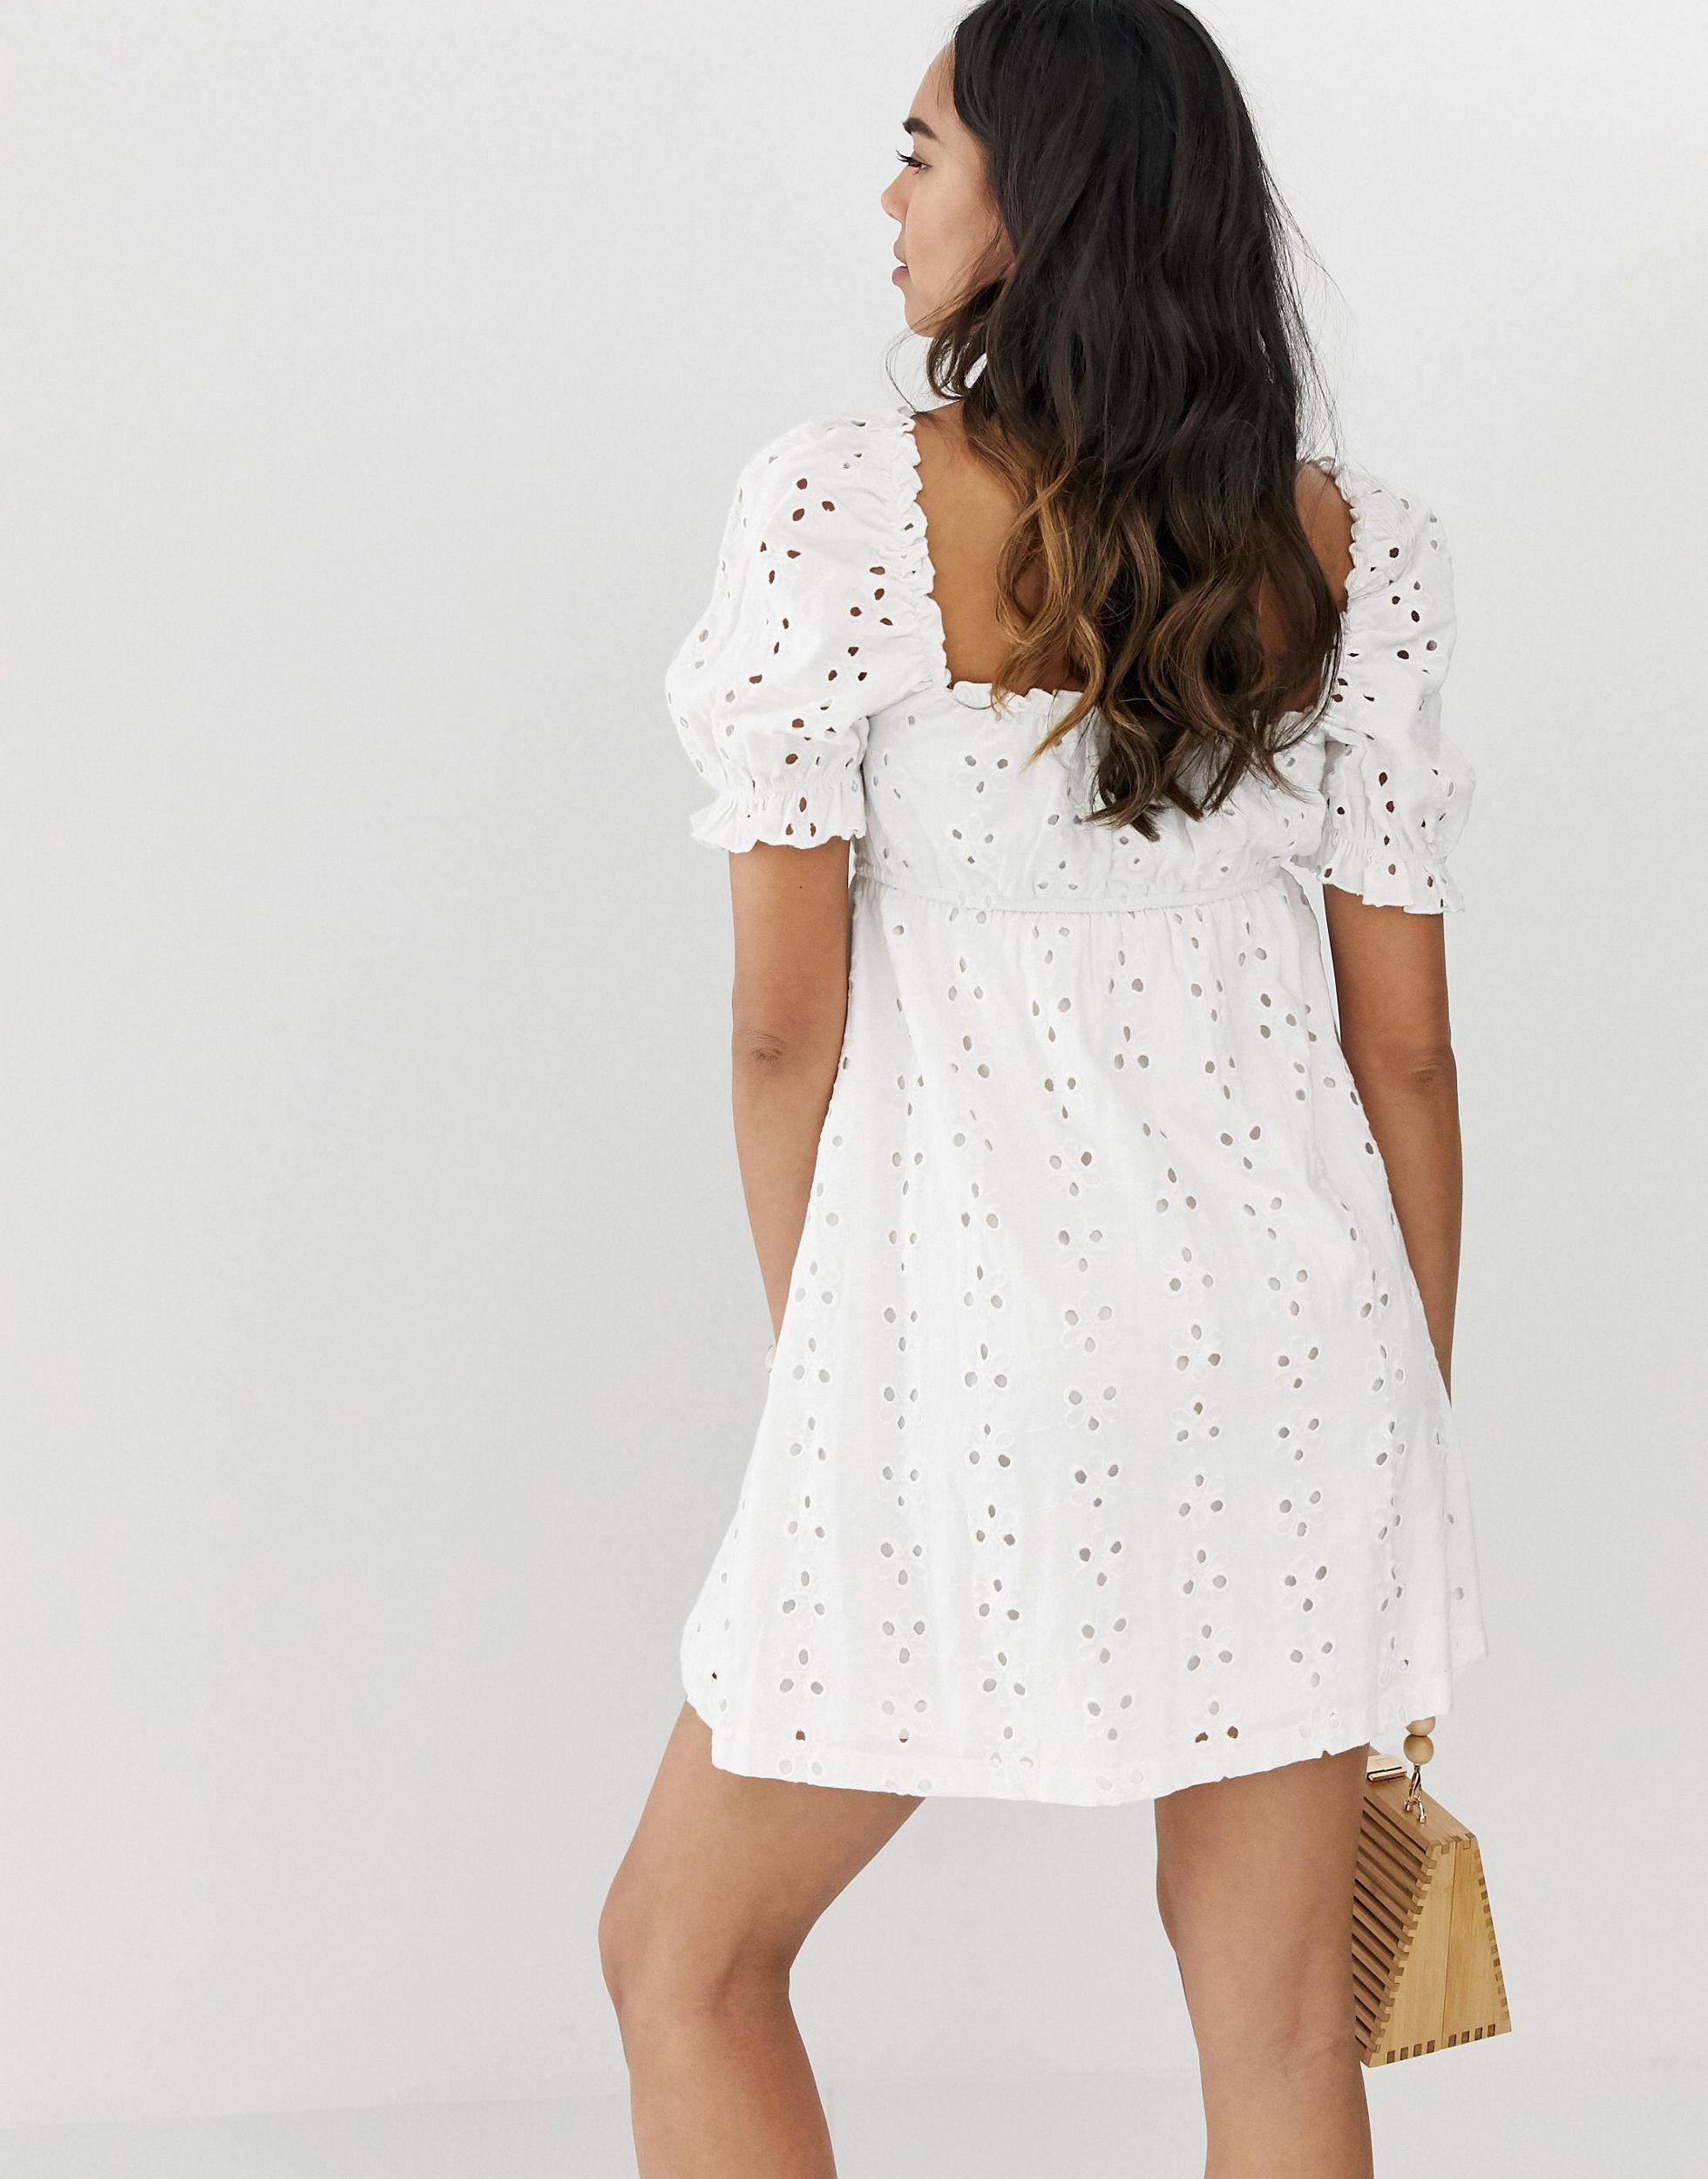 ASOS DESIGN Maternity - Robe courte en broderie anglaise Jean ASOS en coloris Blanc